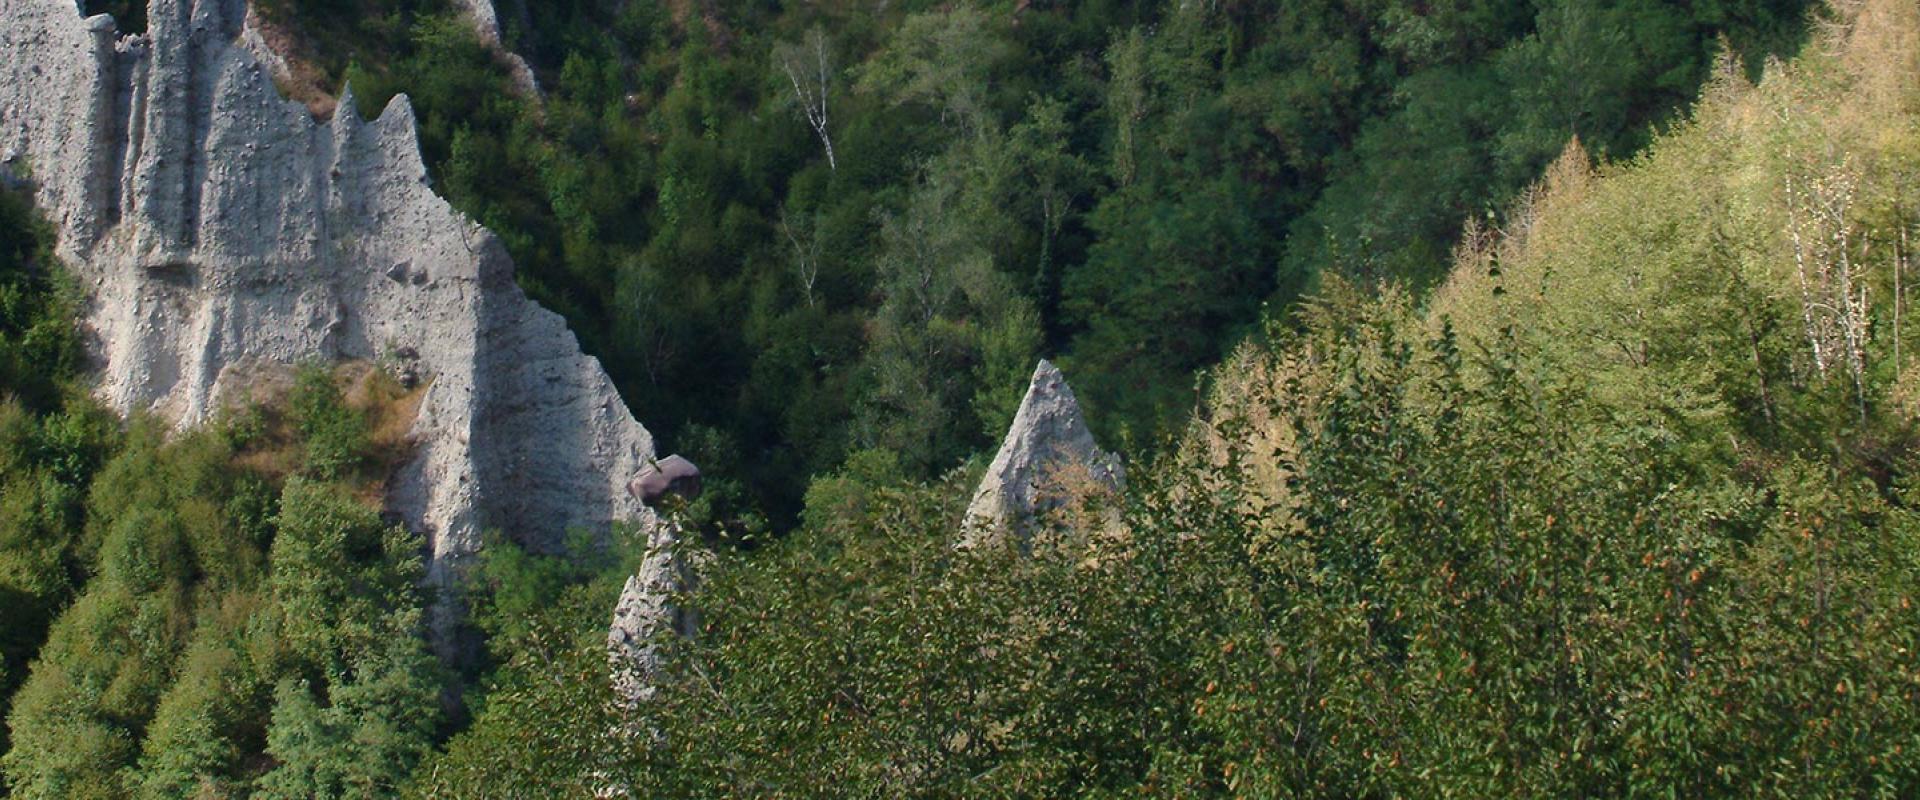 Excursion in Piramidi di Zone Reserve